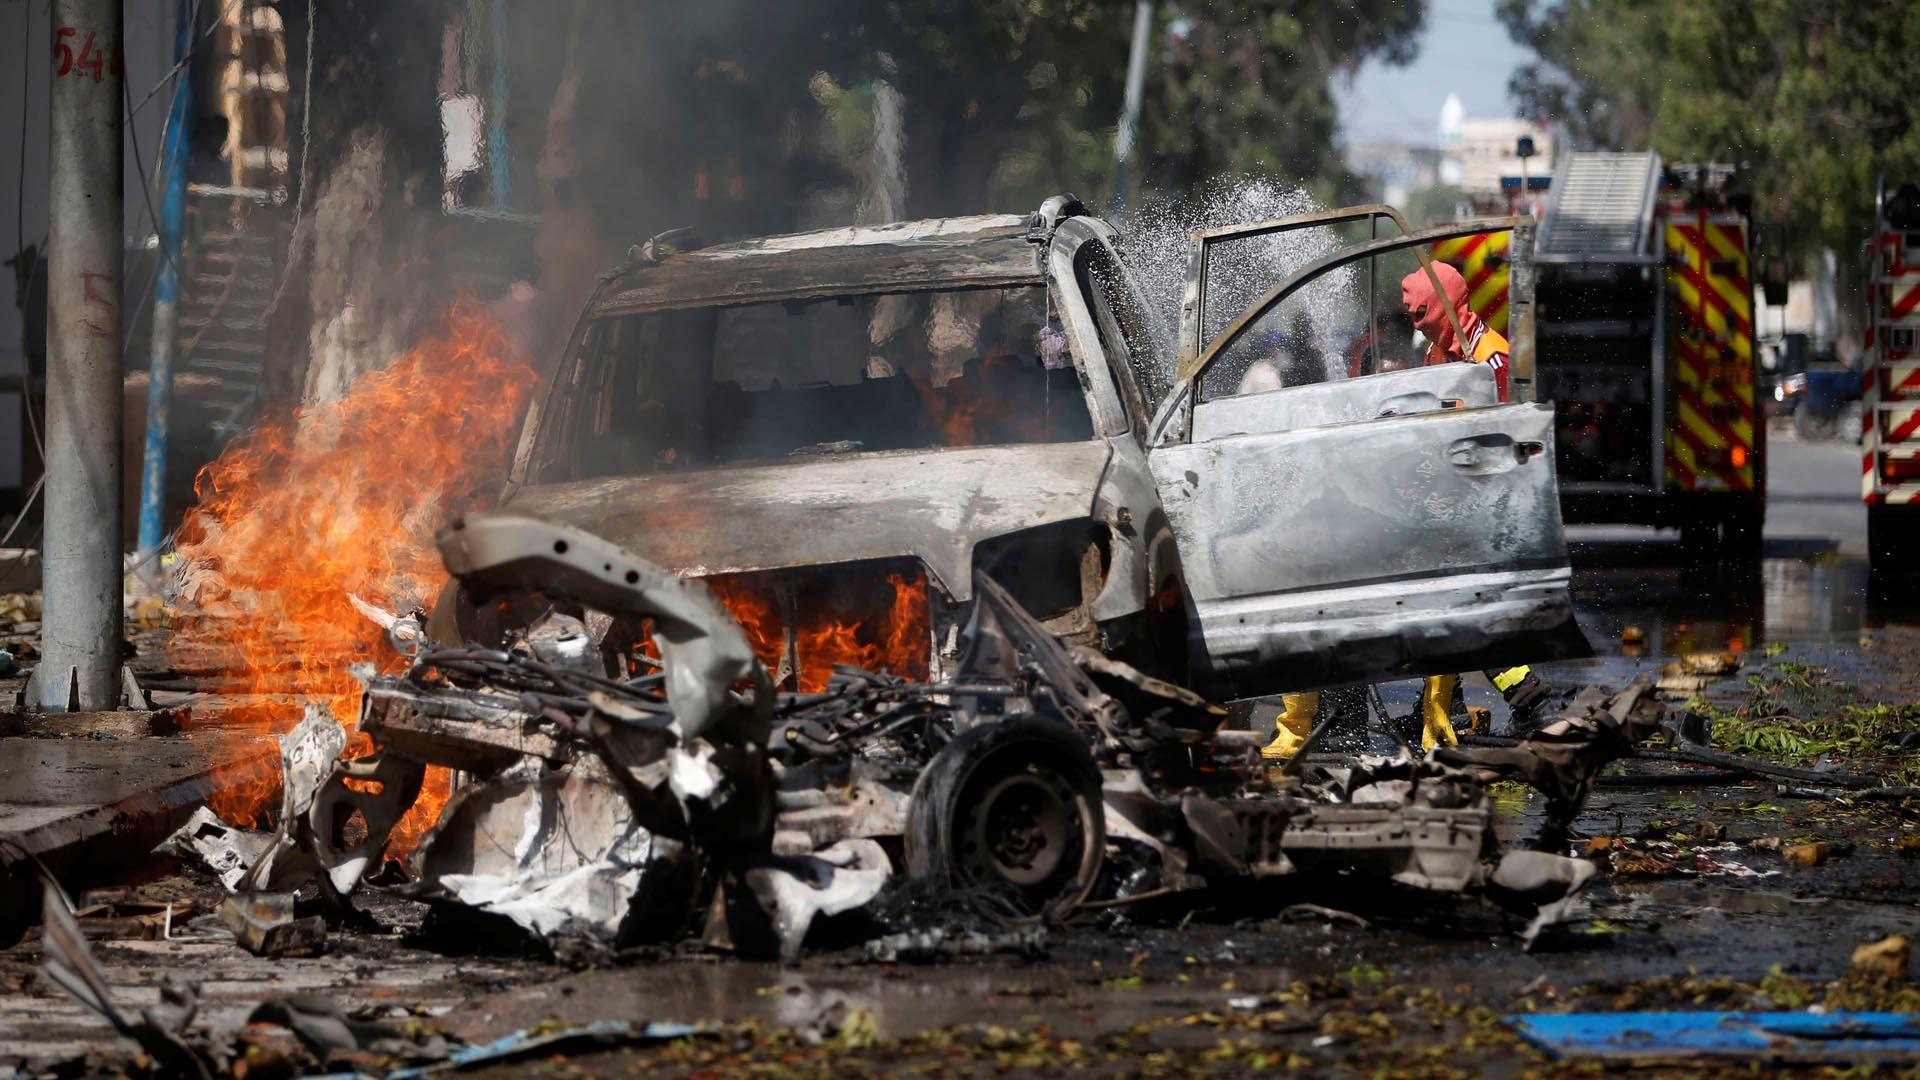 El ataque, por el cual siete personas también resultaron heridas, fue reivindicado por la milicia yihadista Al Shabaab